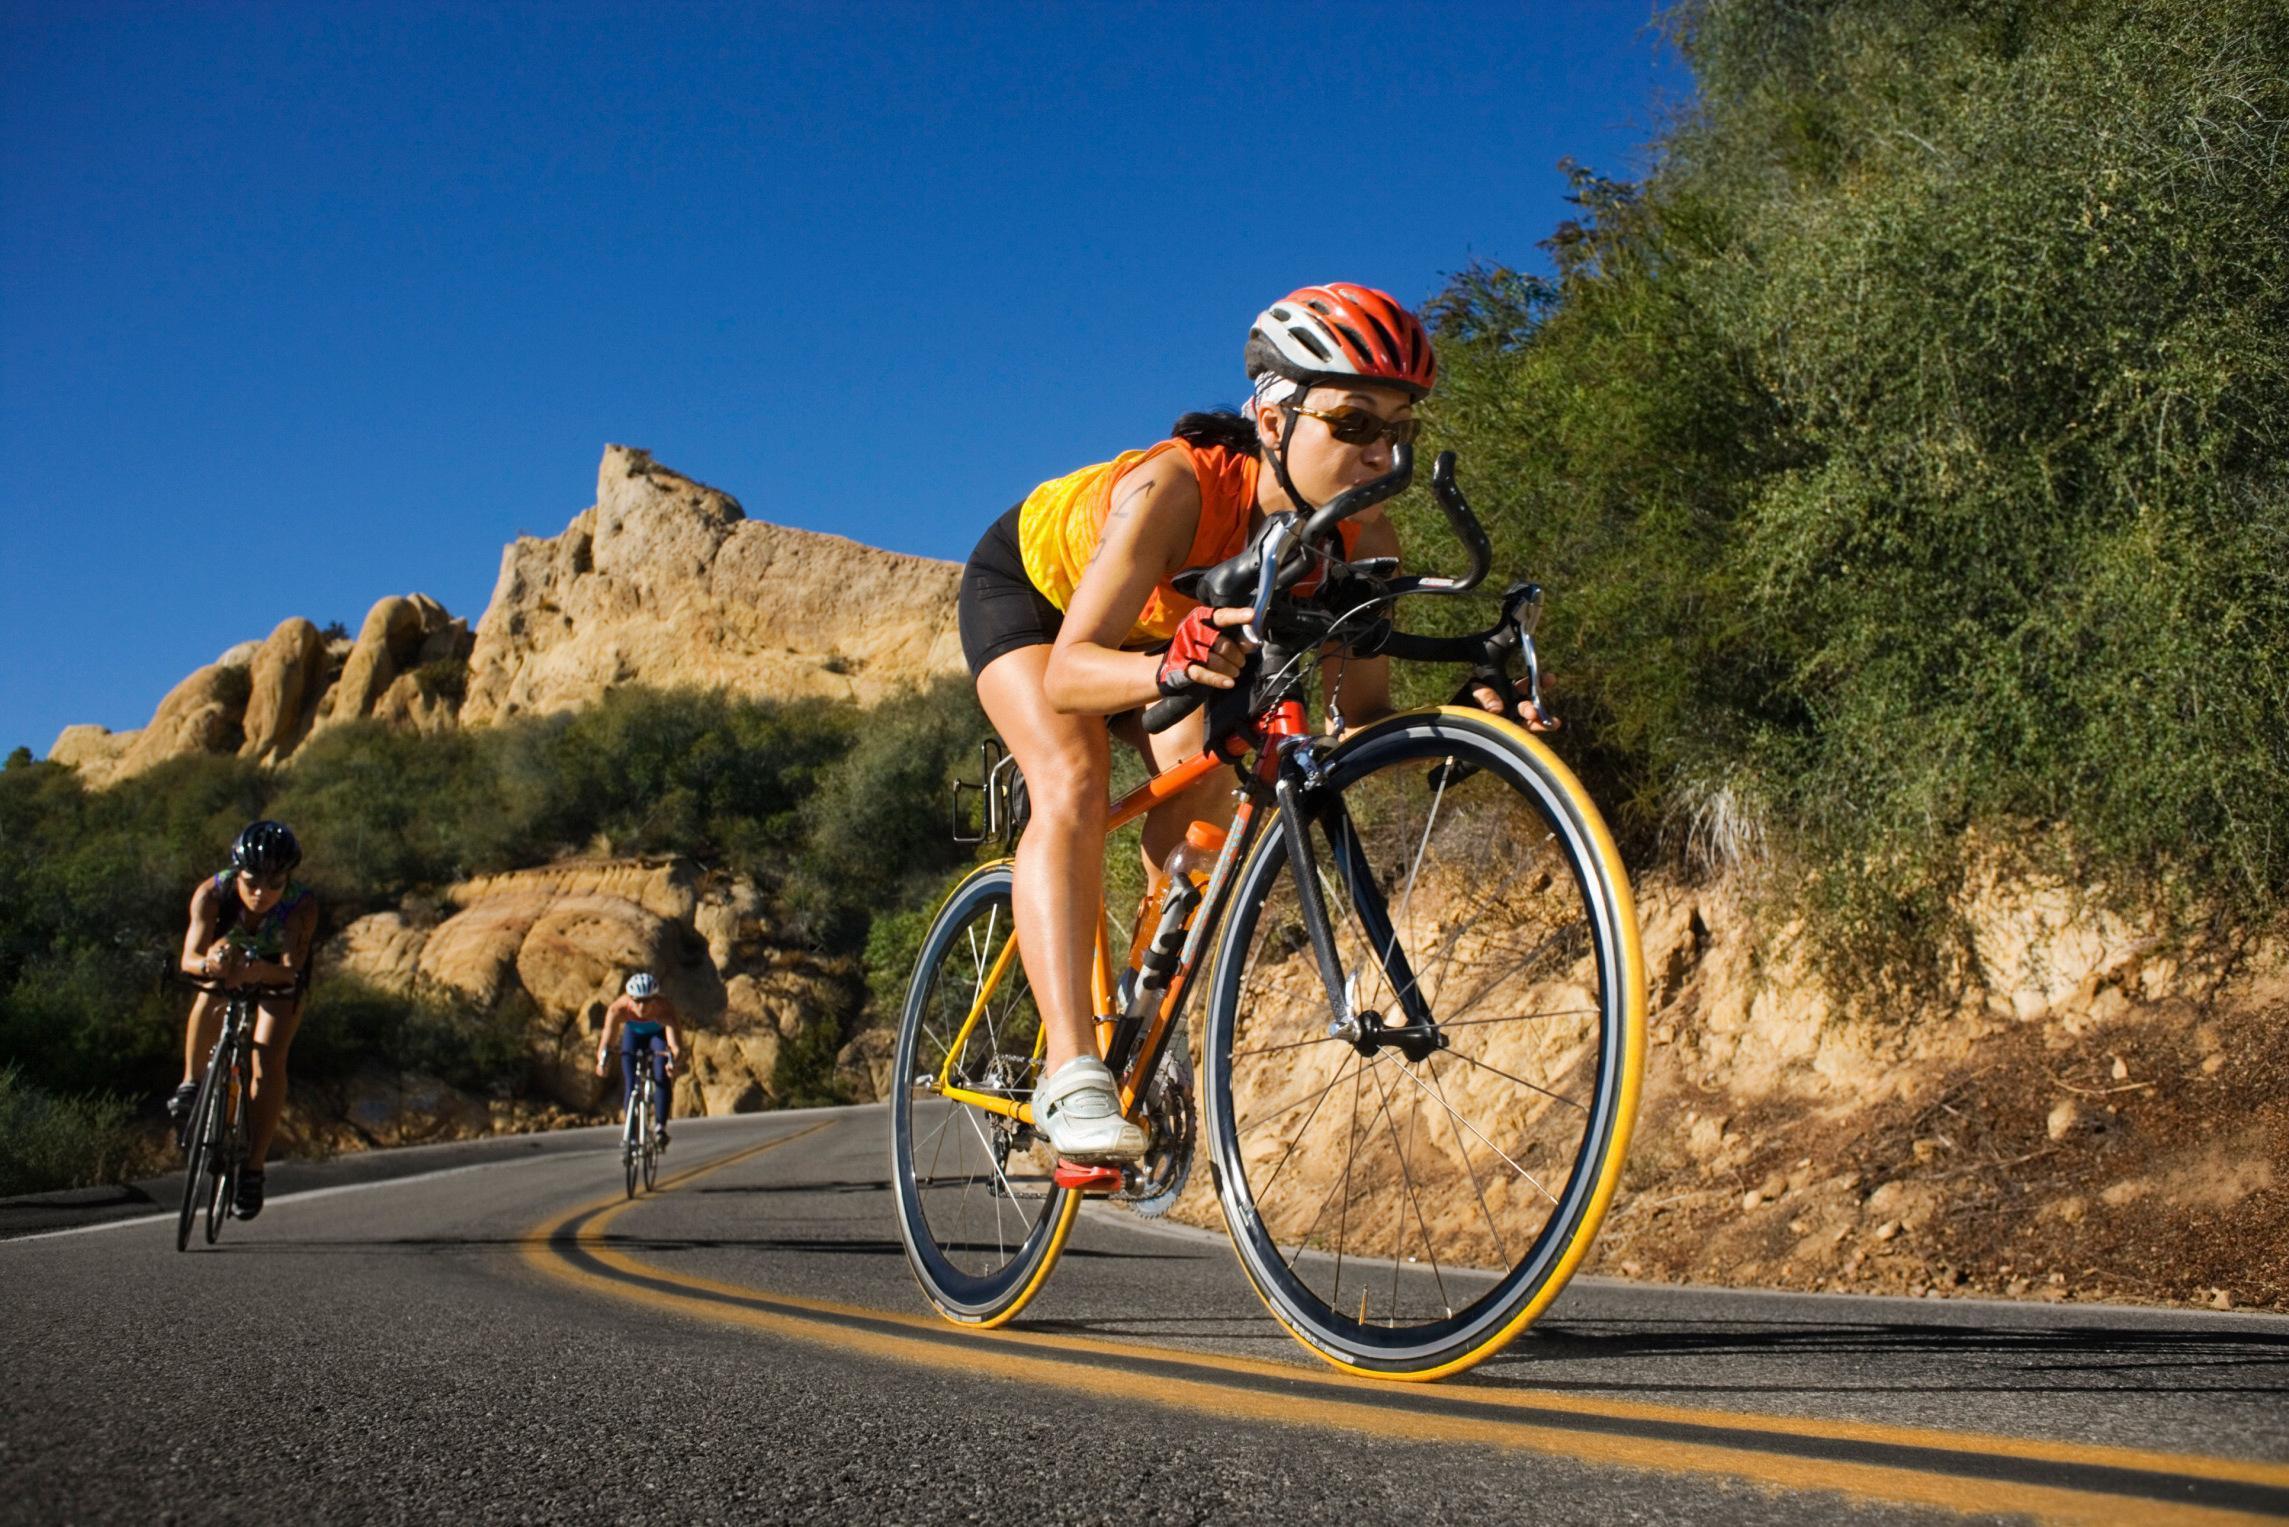 Quais Efeitos Têm Andar de Bicicleta Sobre os Glúteos?